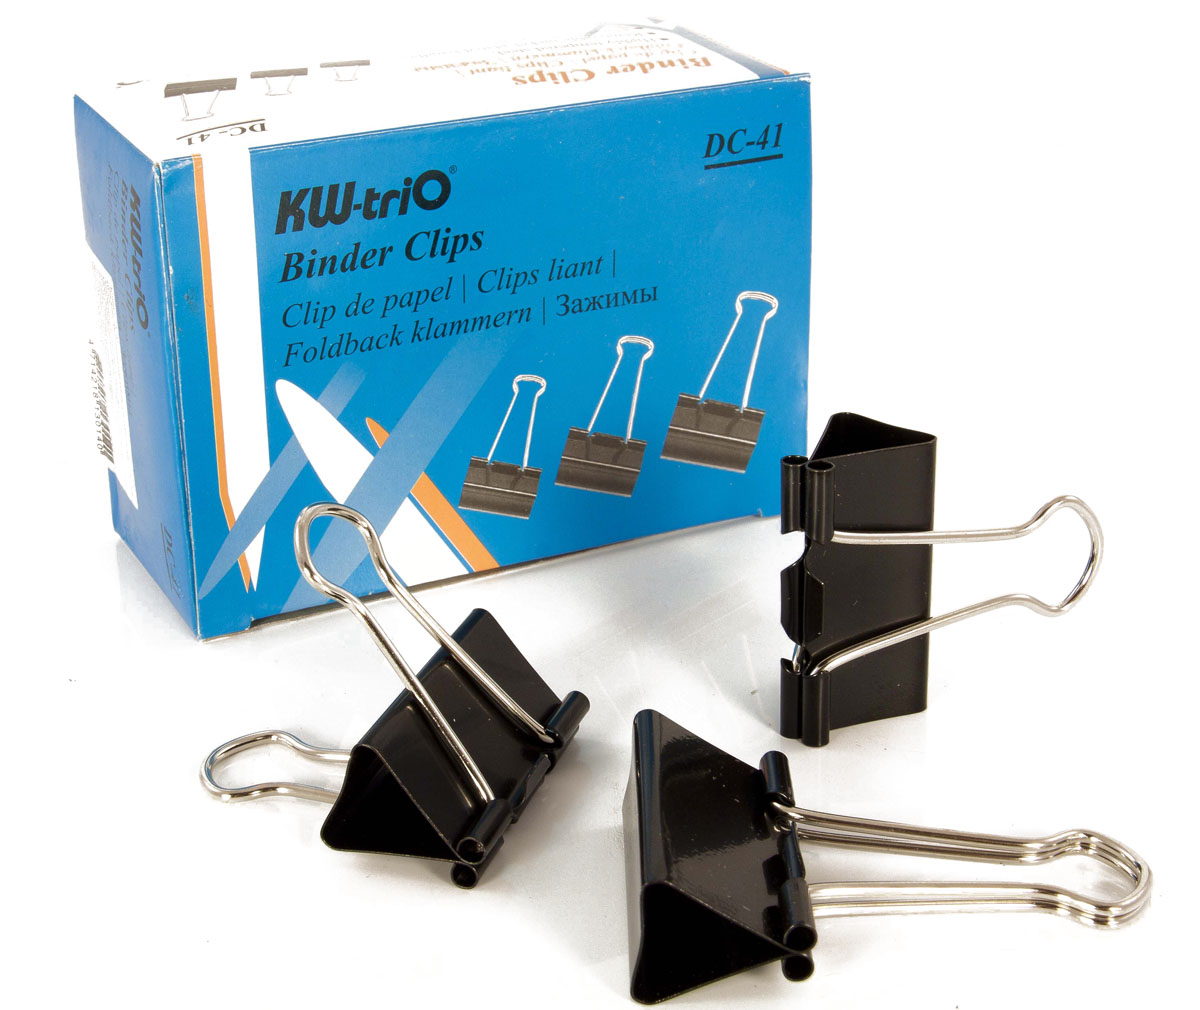 KW-Тrio Зажим для бумаг цвет черный 41 мм 12 штDC-15Зажим для бумаг KW-Тrio предназначен для скрепления бумажных носителей. Зажим выполнен из металла.В упаковке 12 зажимов черного цвета. Они надежно и легко скрепляют, не деформируют бумагу, не оставляют на ней следов.